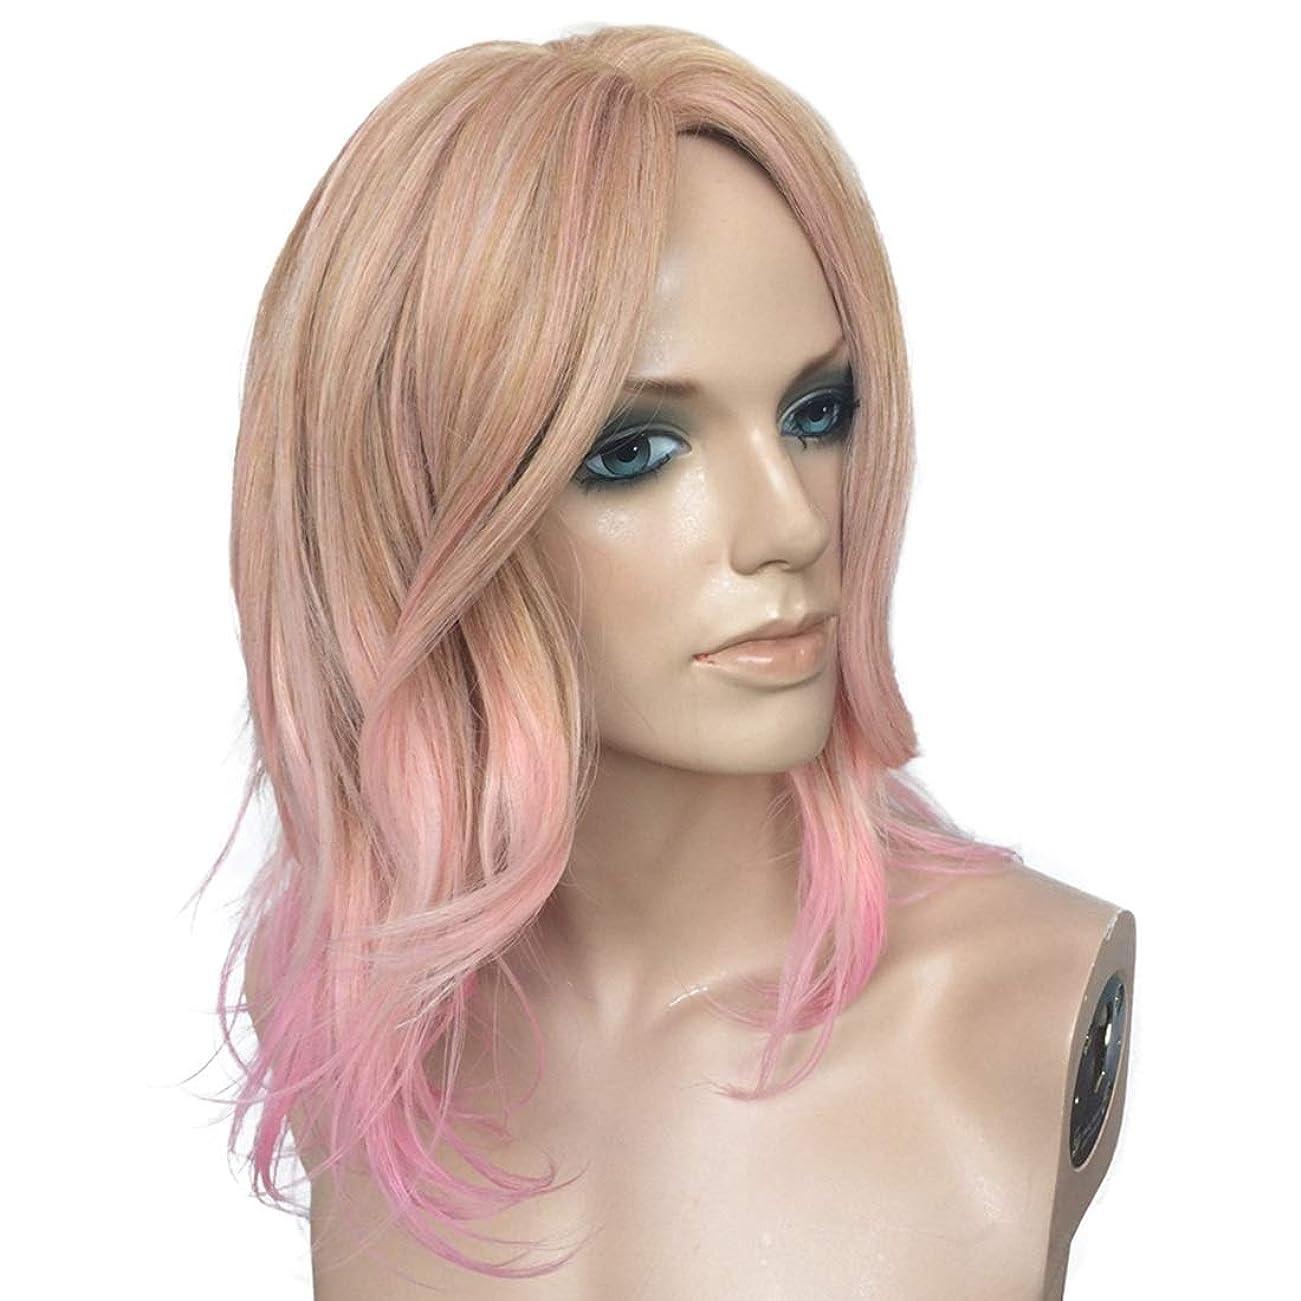 ではごきげんよう賞賛するフォーラムKoloeplf ミックスカラーマイクロロールピンクミディアムロングオベリスクバングウィッグファッションヨーロッパとアメリカのウィッグ (Color : Mixed color pink)